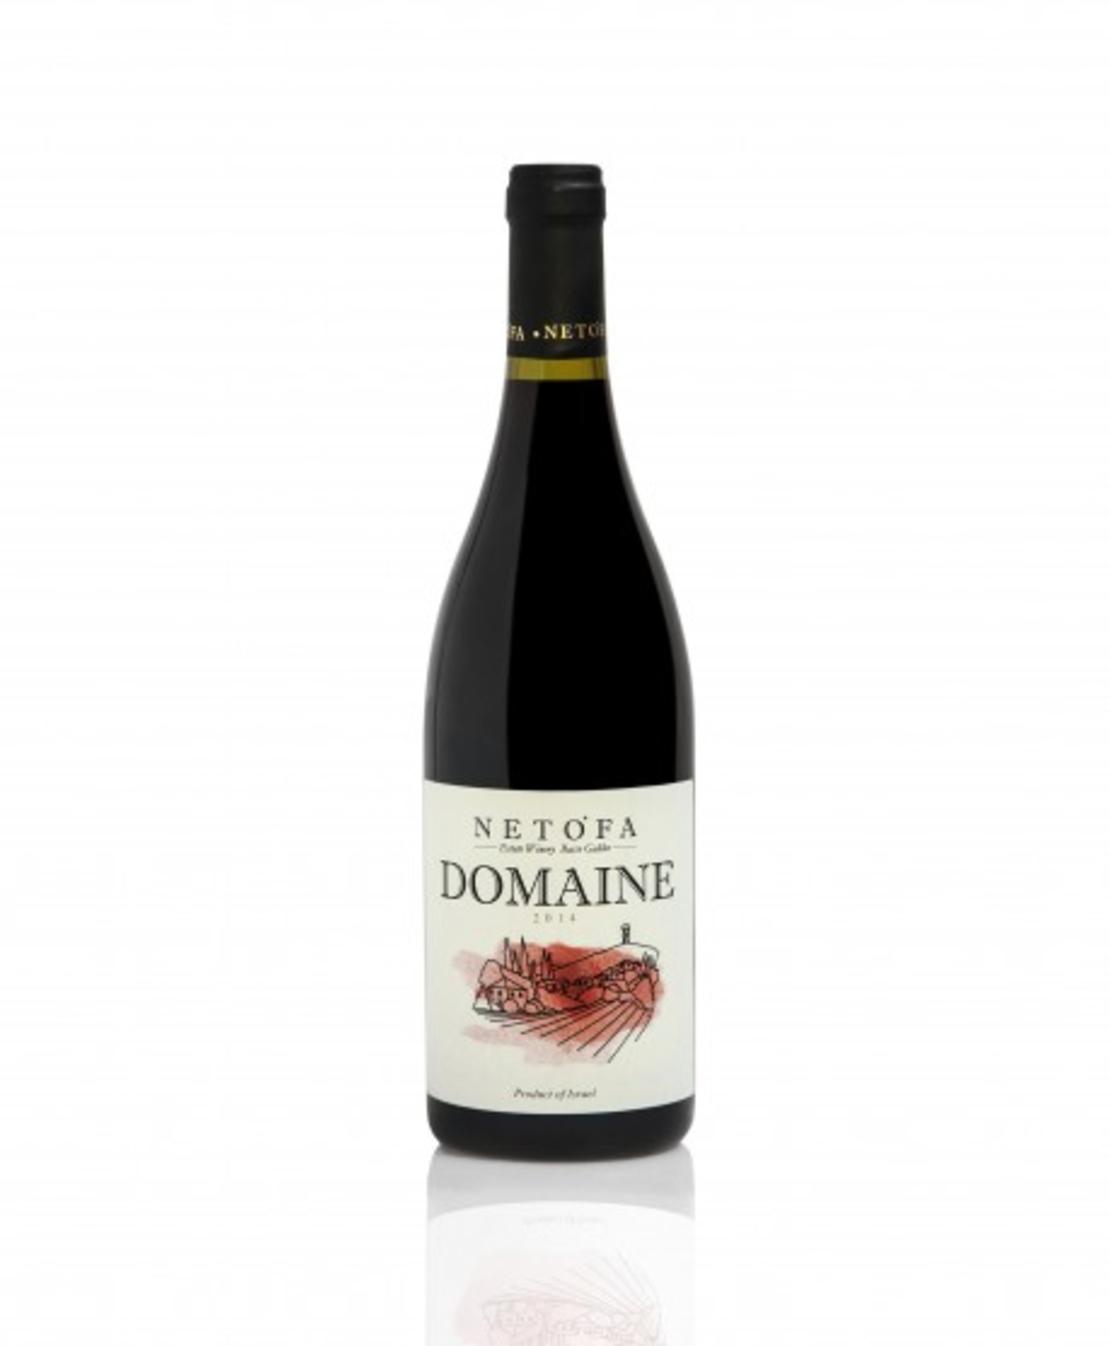 יין דומיין נטופה אדום 2018